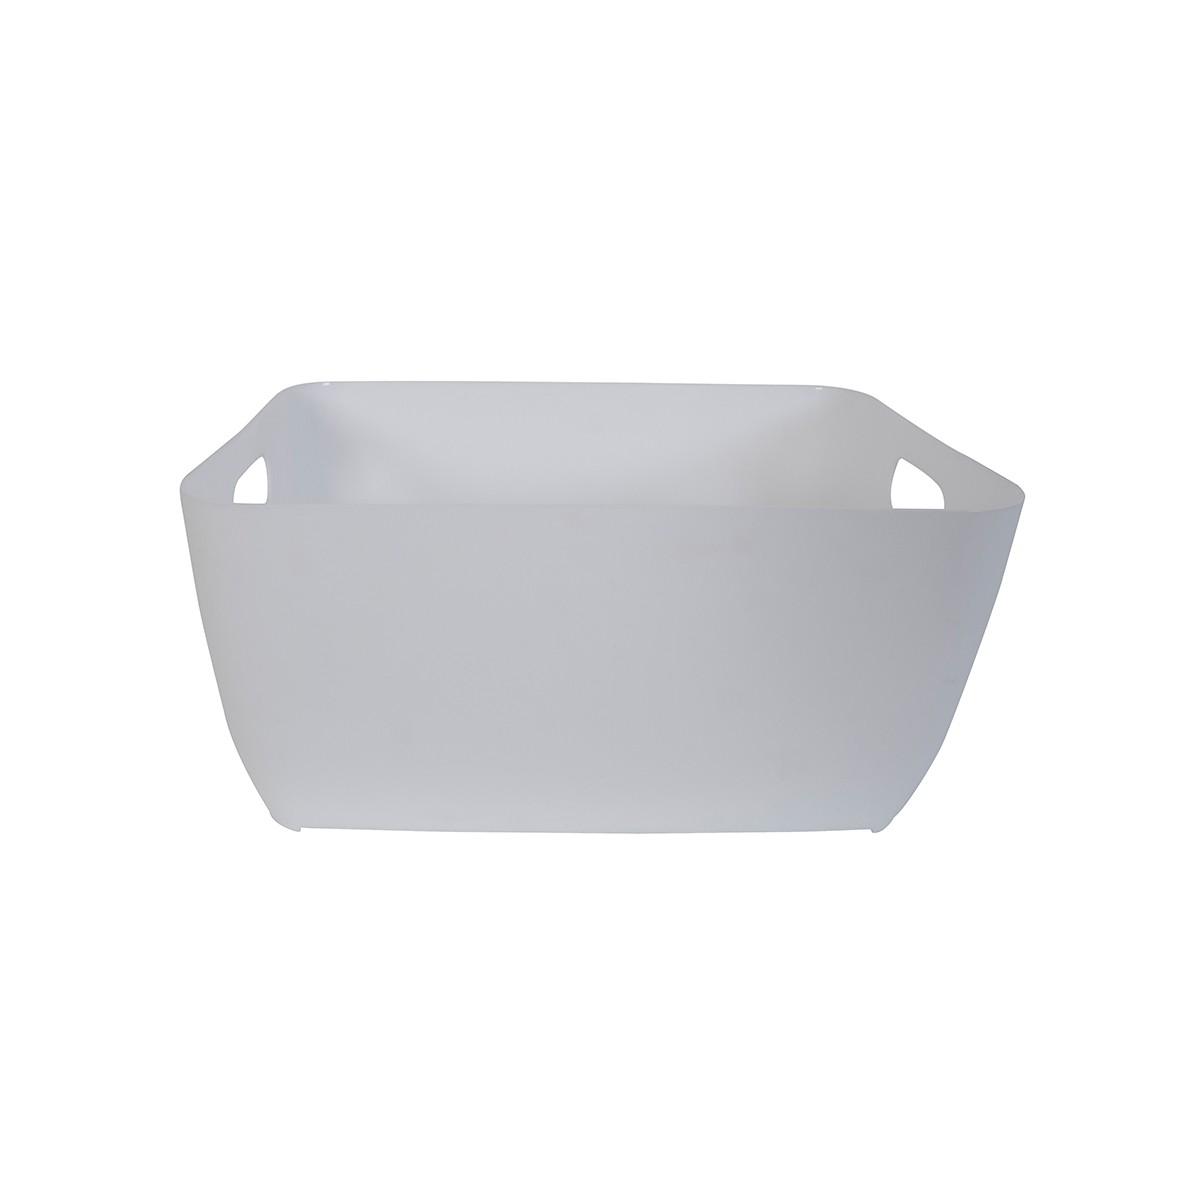 Κουτί Αποθήκευσης Spirella Store Box Medium 05042.003 White